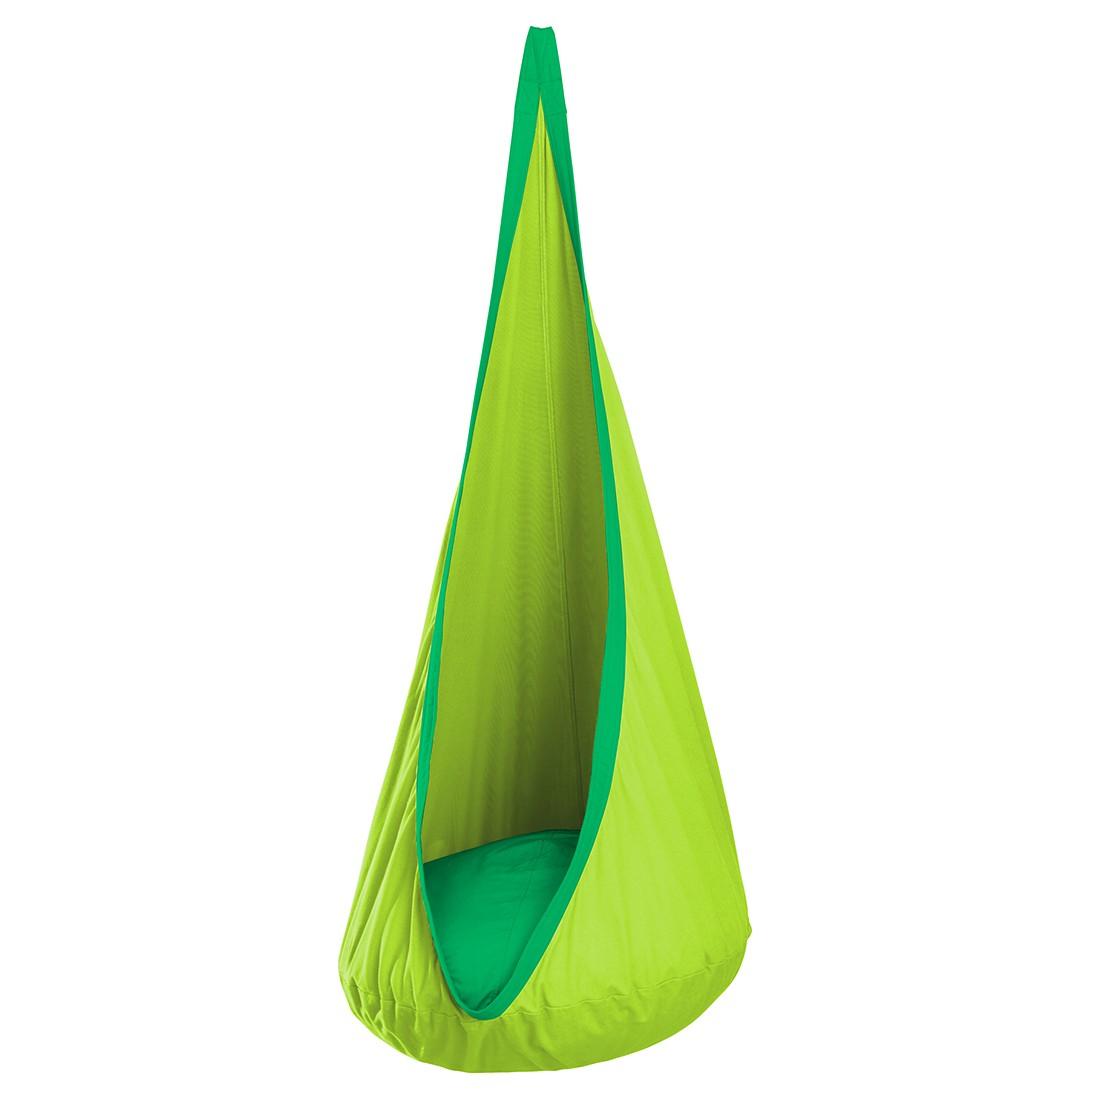 Hängehöhle Joki – Hellgrün/Grün, La Siesta günstig kaufen